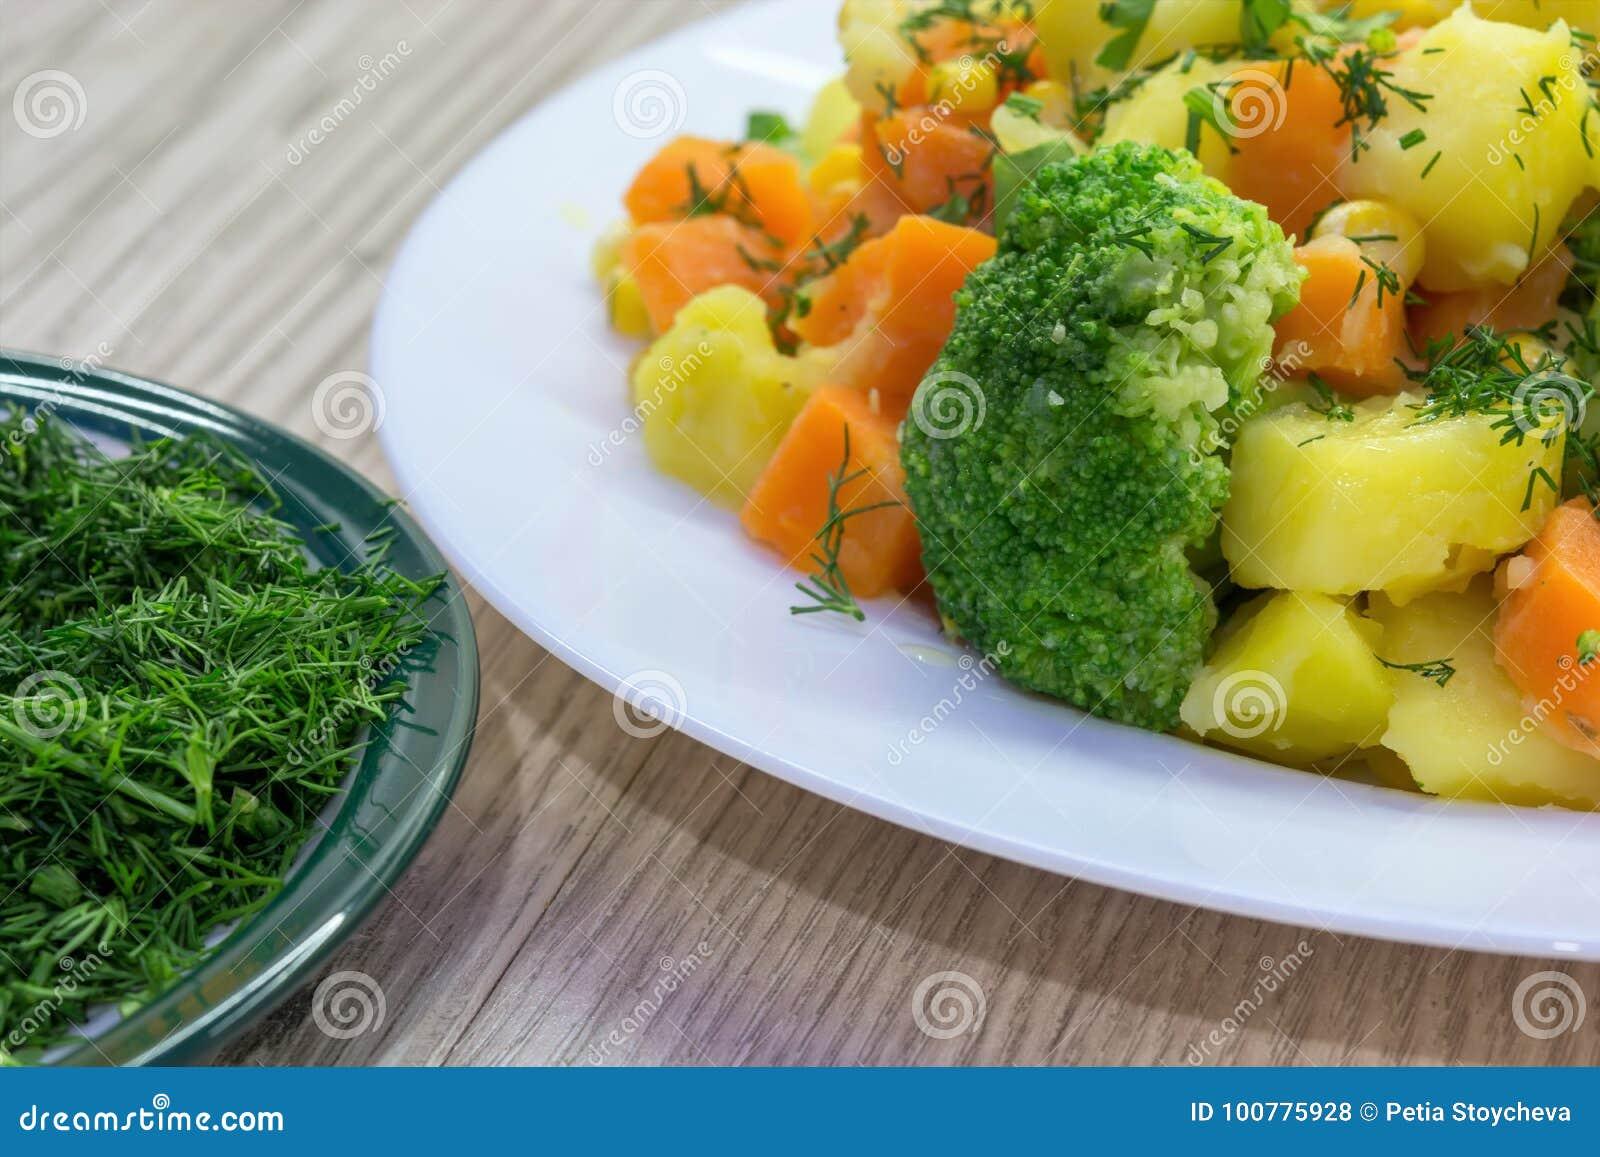 Ny huggen av dill och ångade grönsaker - potatisar, morötter, broccoli, havre äta som är sunt